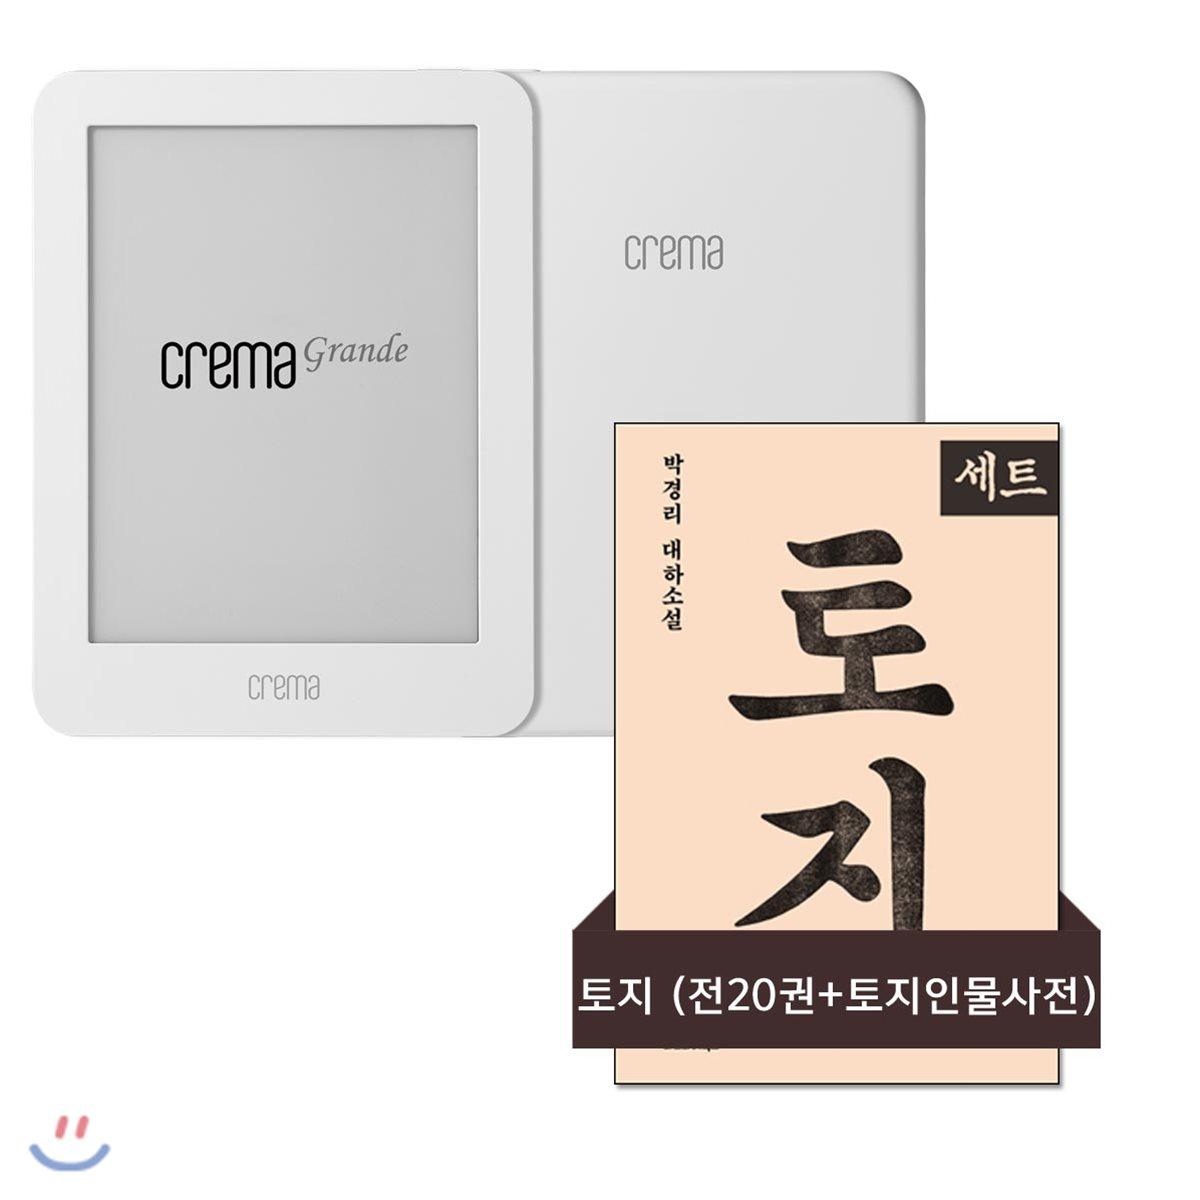 예스24 크레마 그랑데 (crema grande) : 화이트 + [50년소장][세트] 박경리 토지 (전20권+토지인물사전)